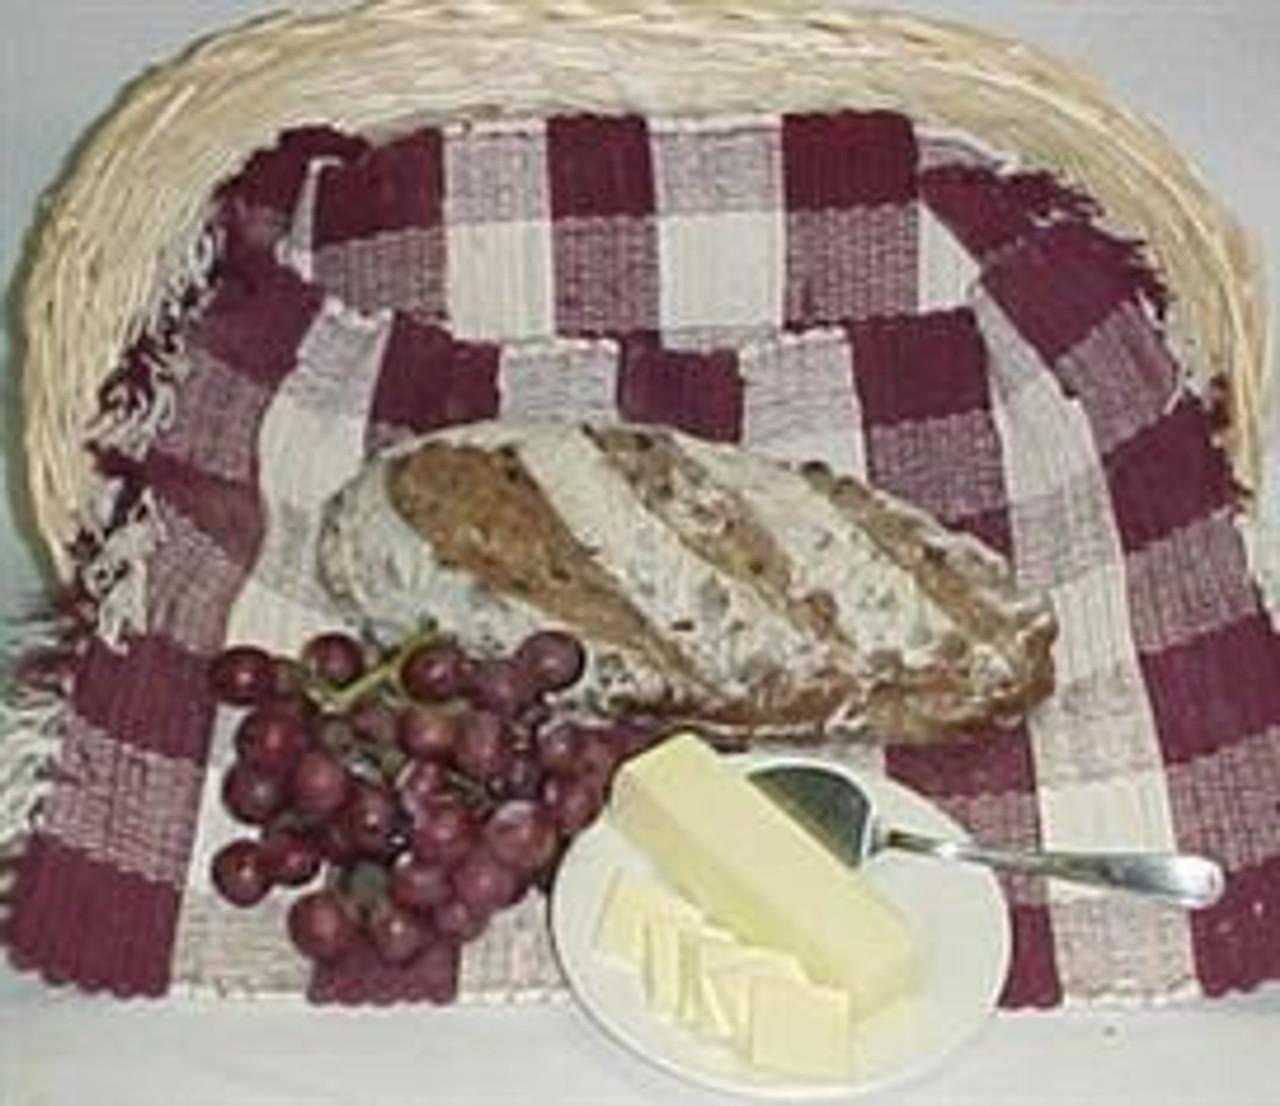 Whole Grain Raisin Walnut